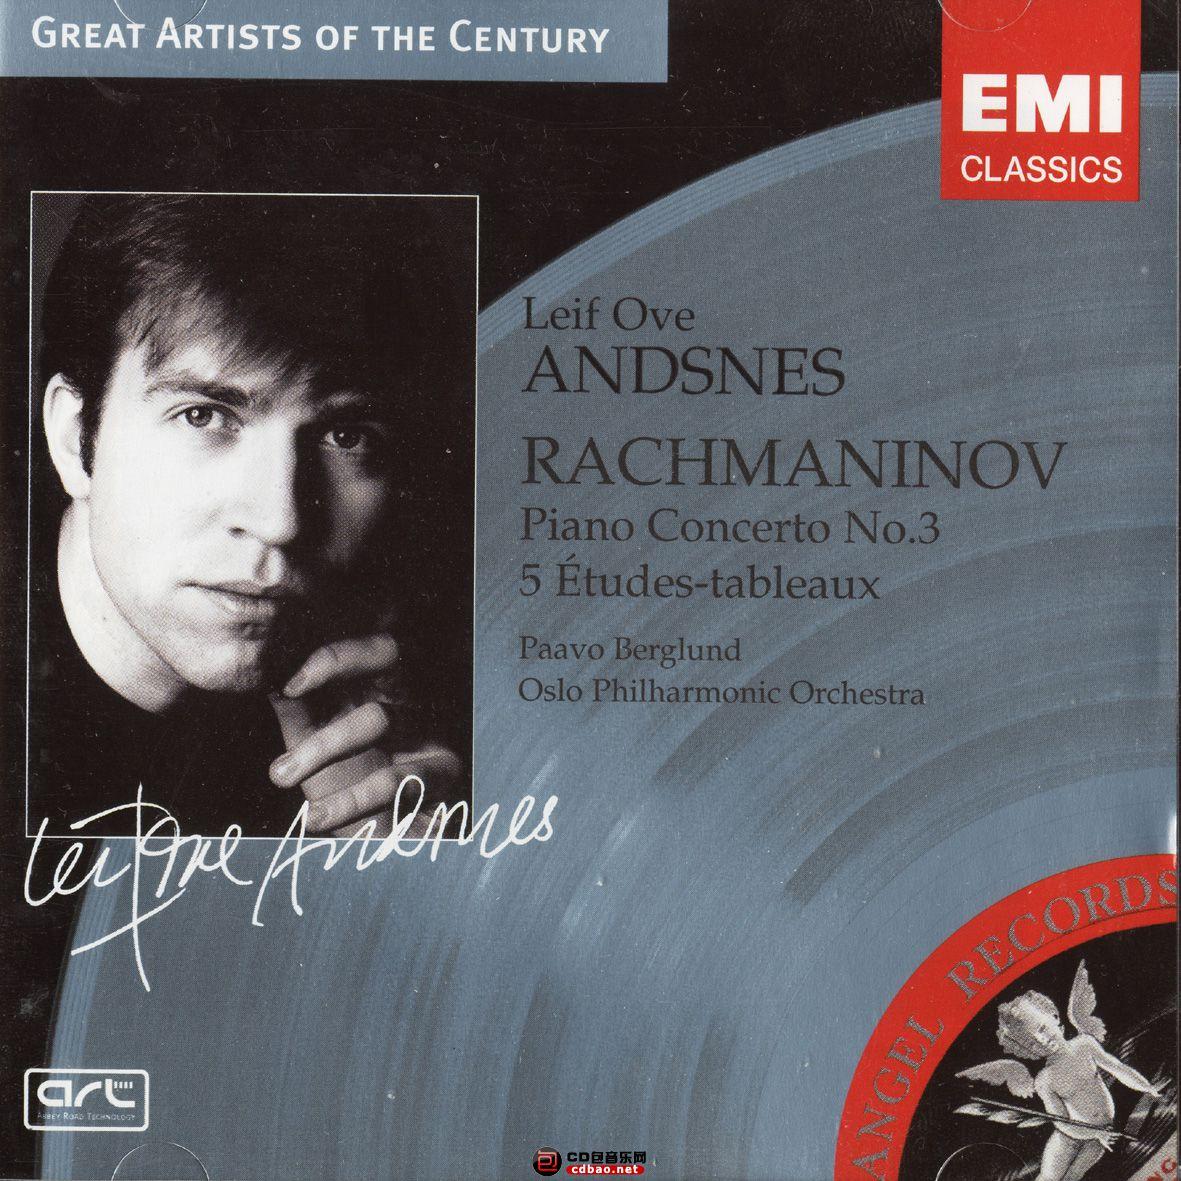 Andsnes_Rachmaninov Piano Concerto No.3.01.jpg